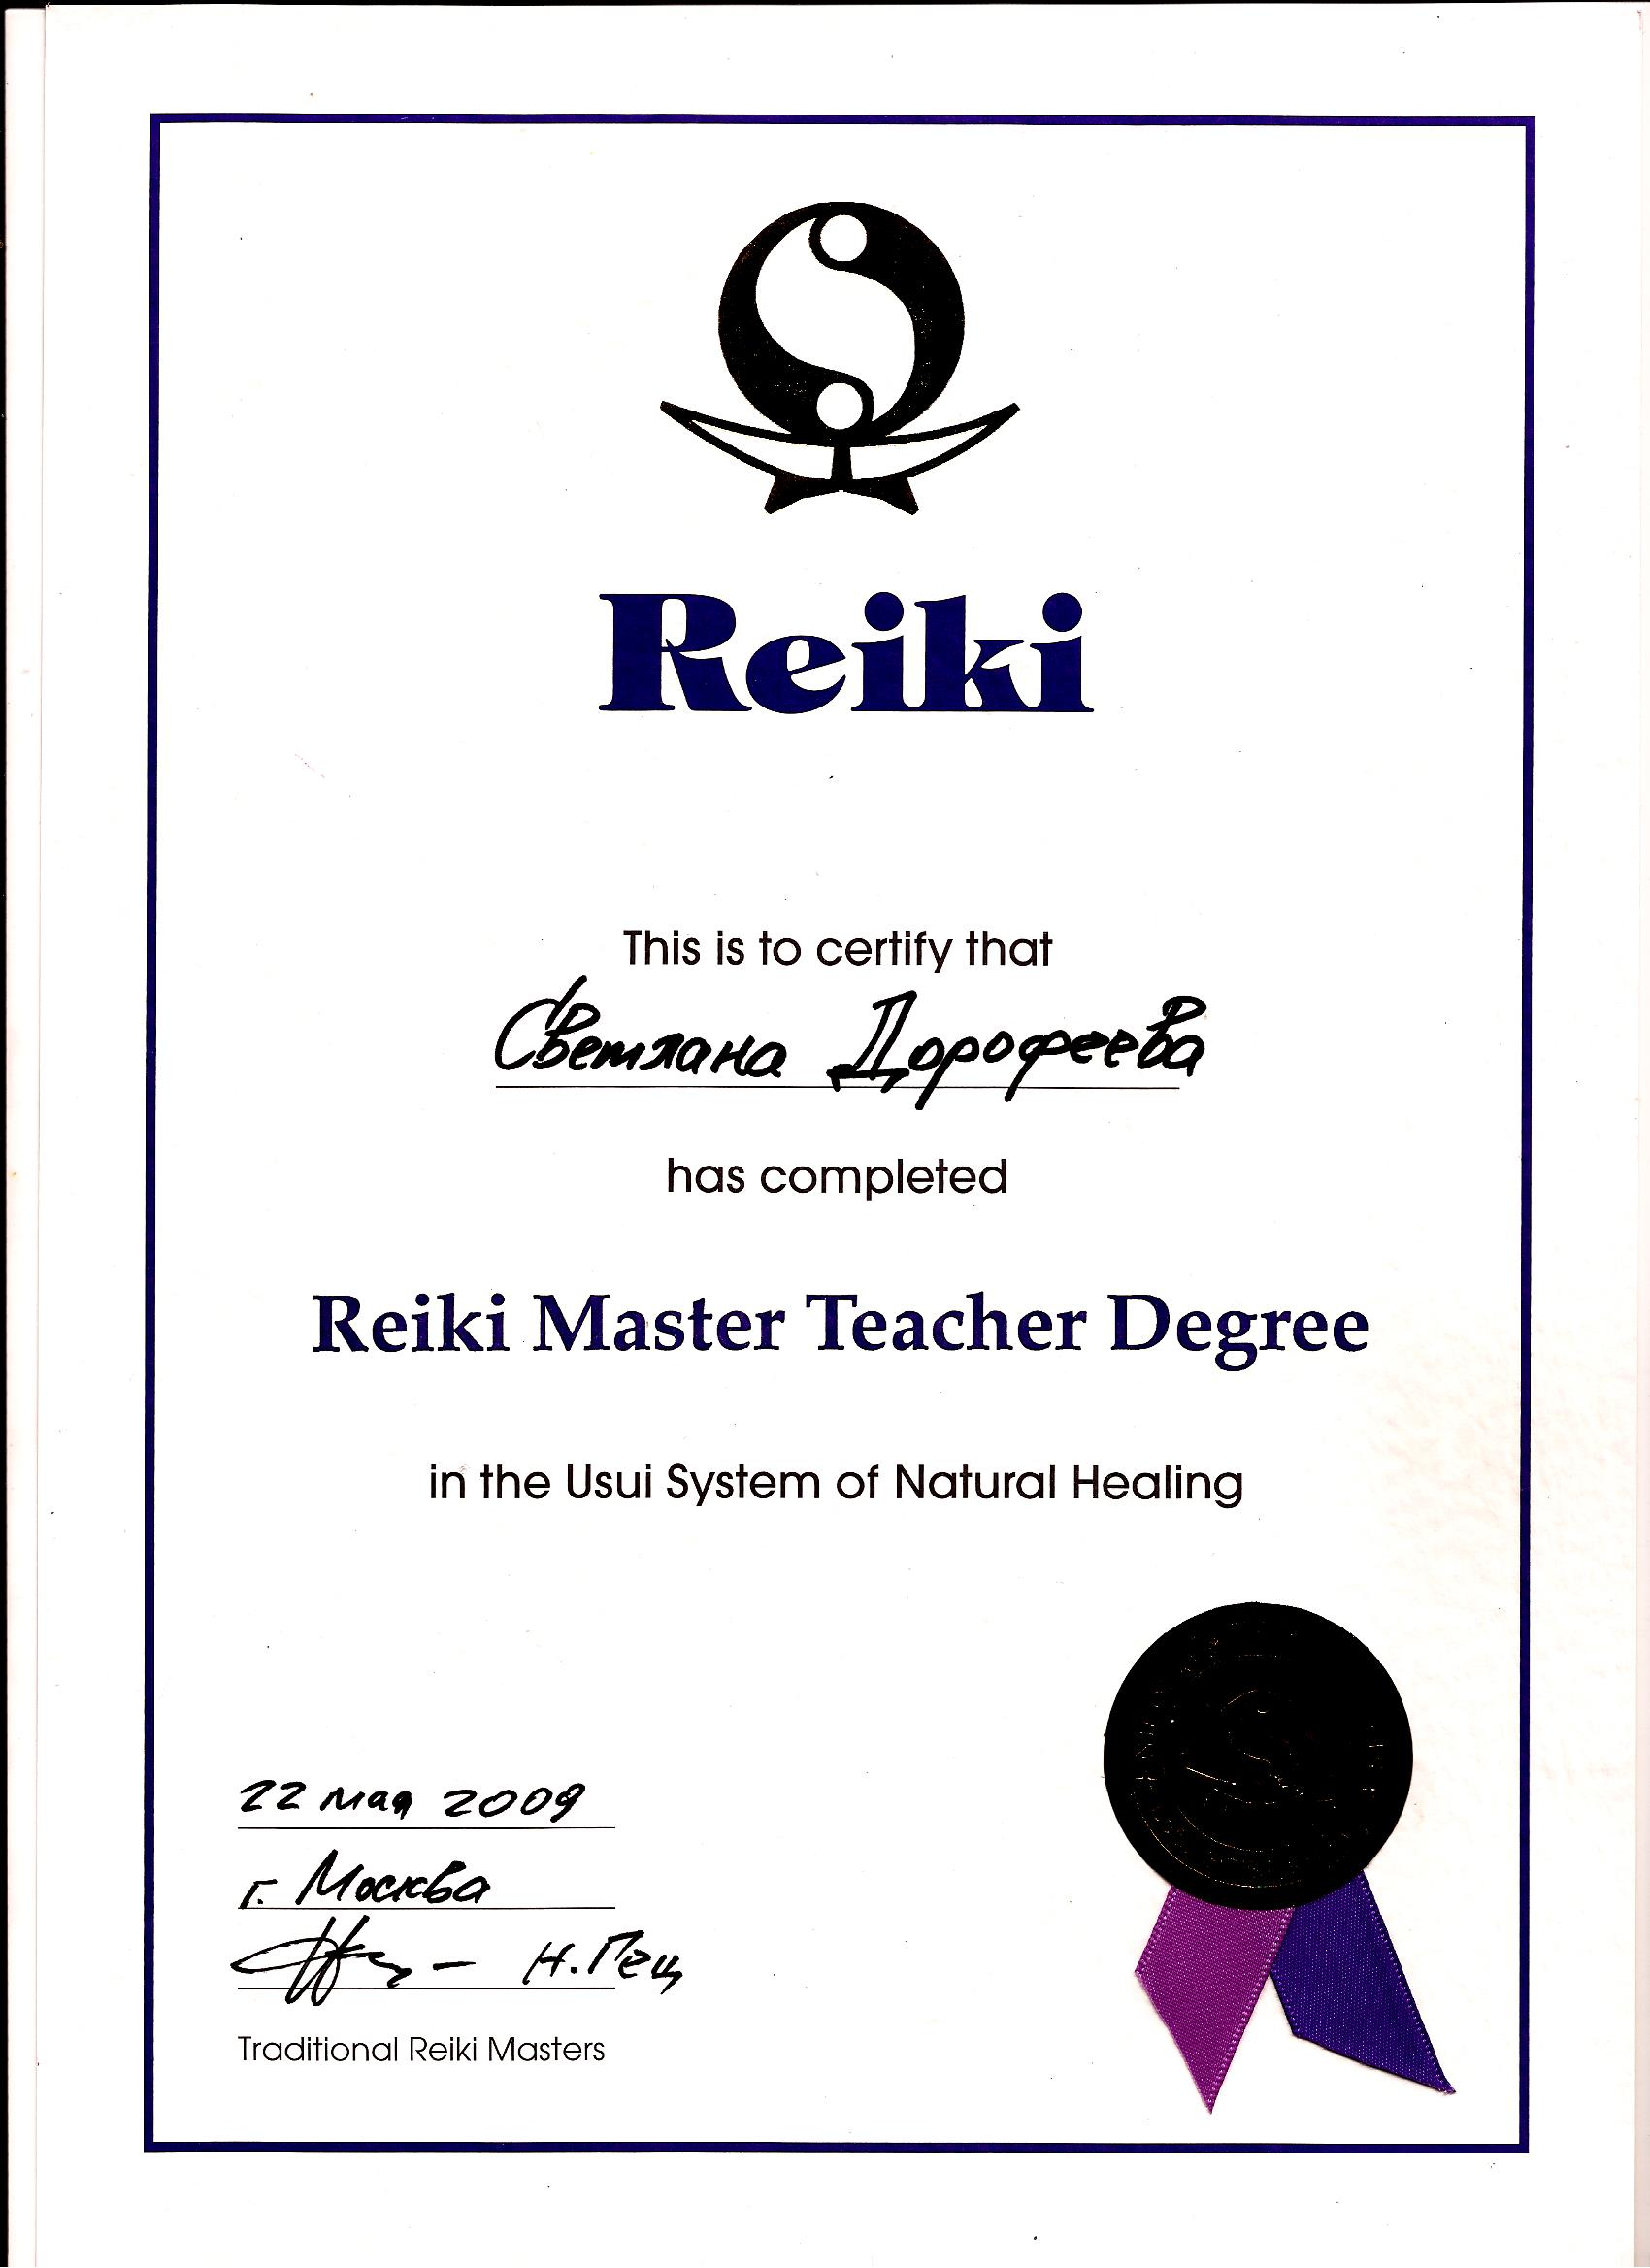 Сертификат Мастер-Учитель Рейки